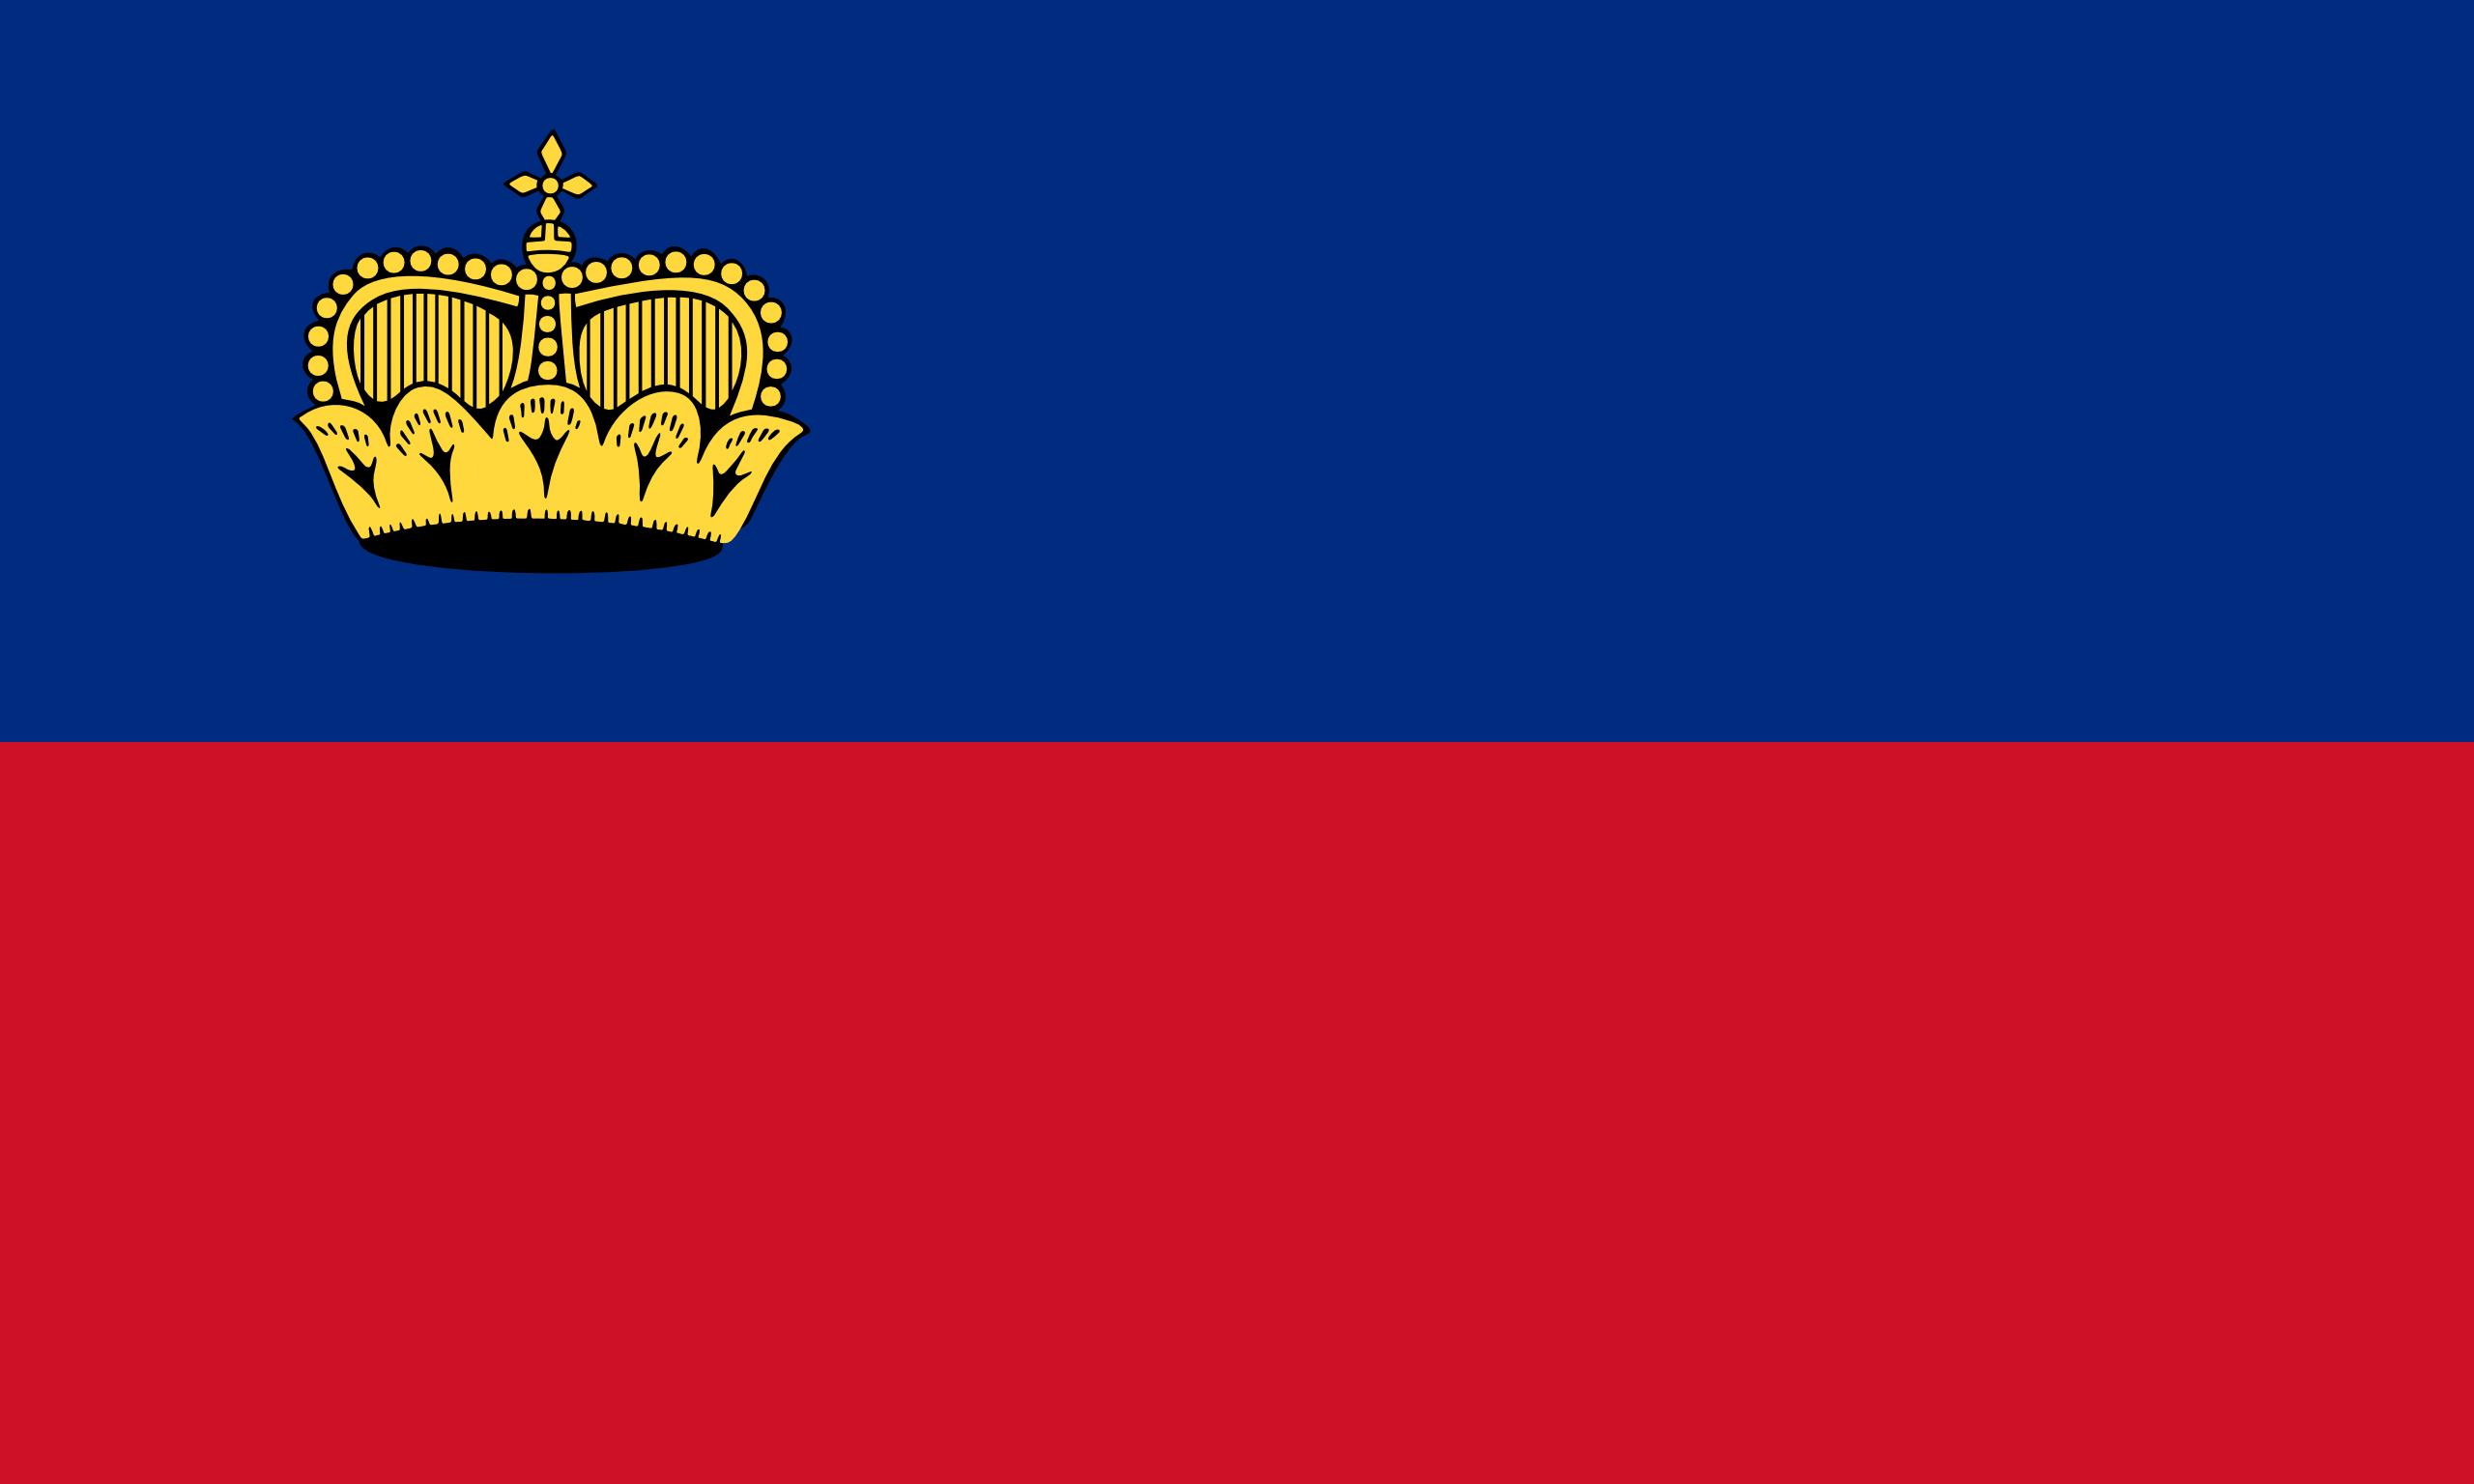 liechtenstein, país, emblema, insignia, シンボル - HD の壁紙 - 教授-falken.com